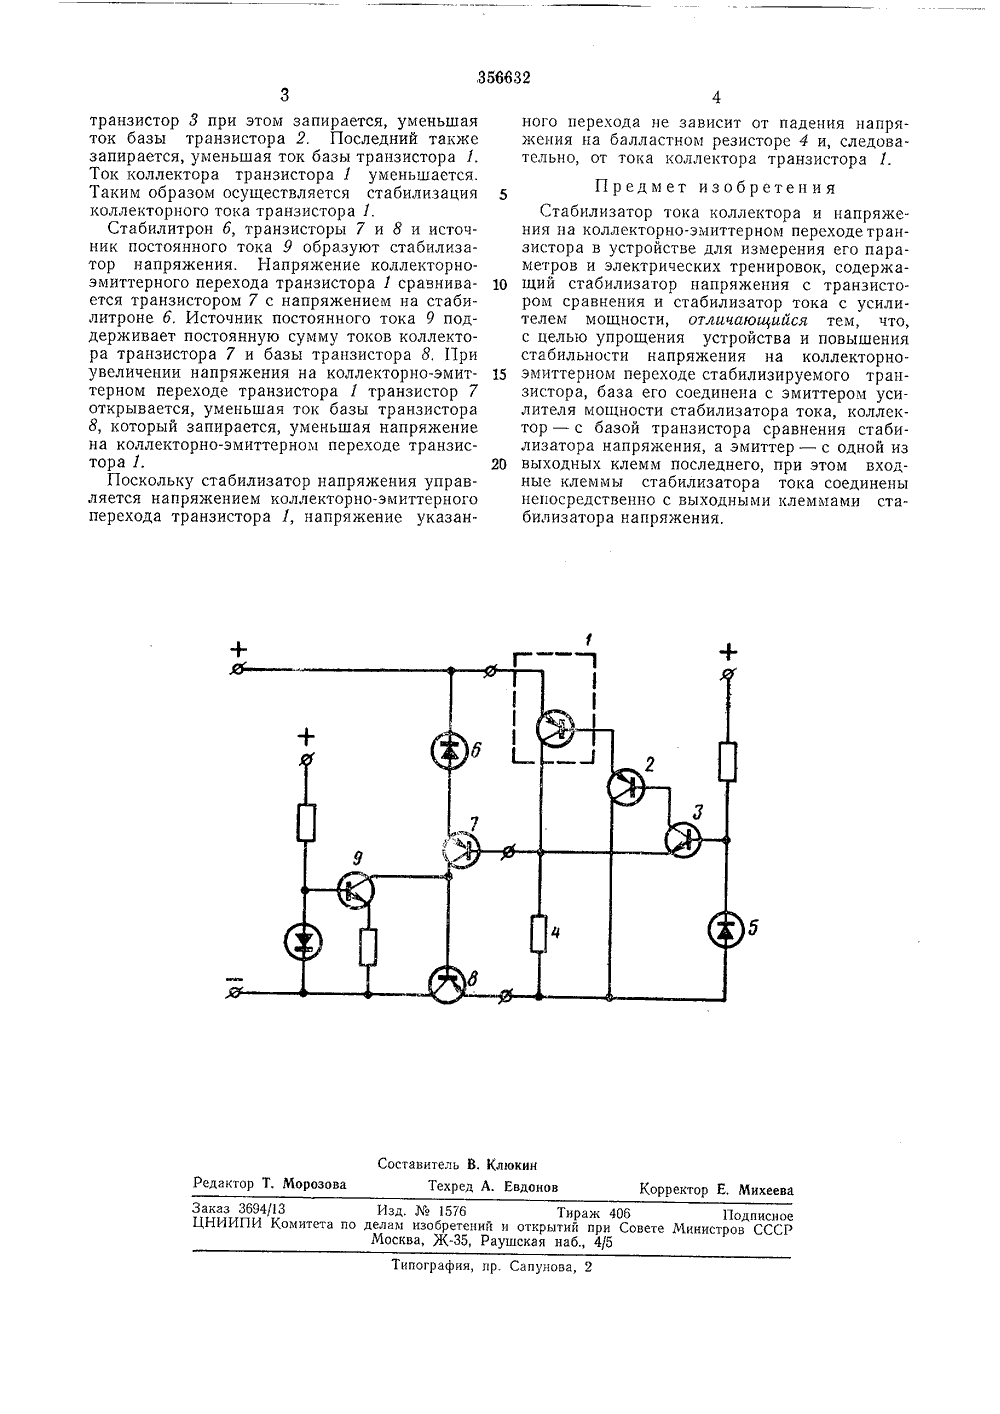 Схемы эмиттерной и коллекторной стабилизации